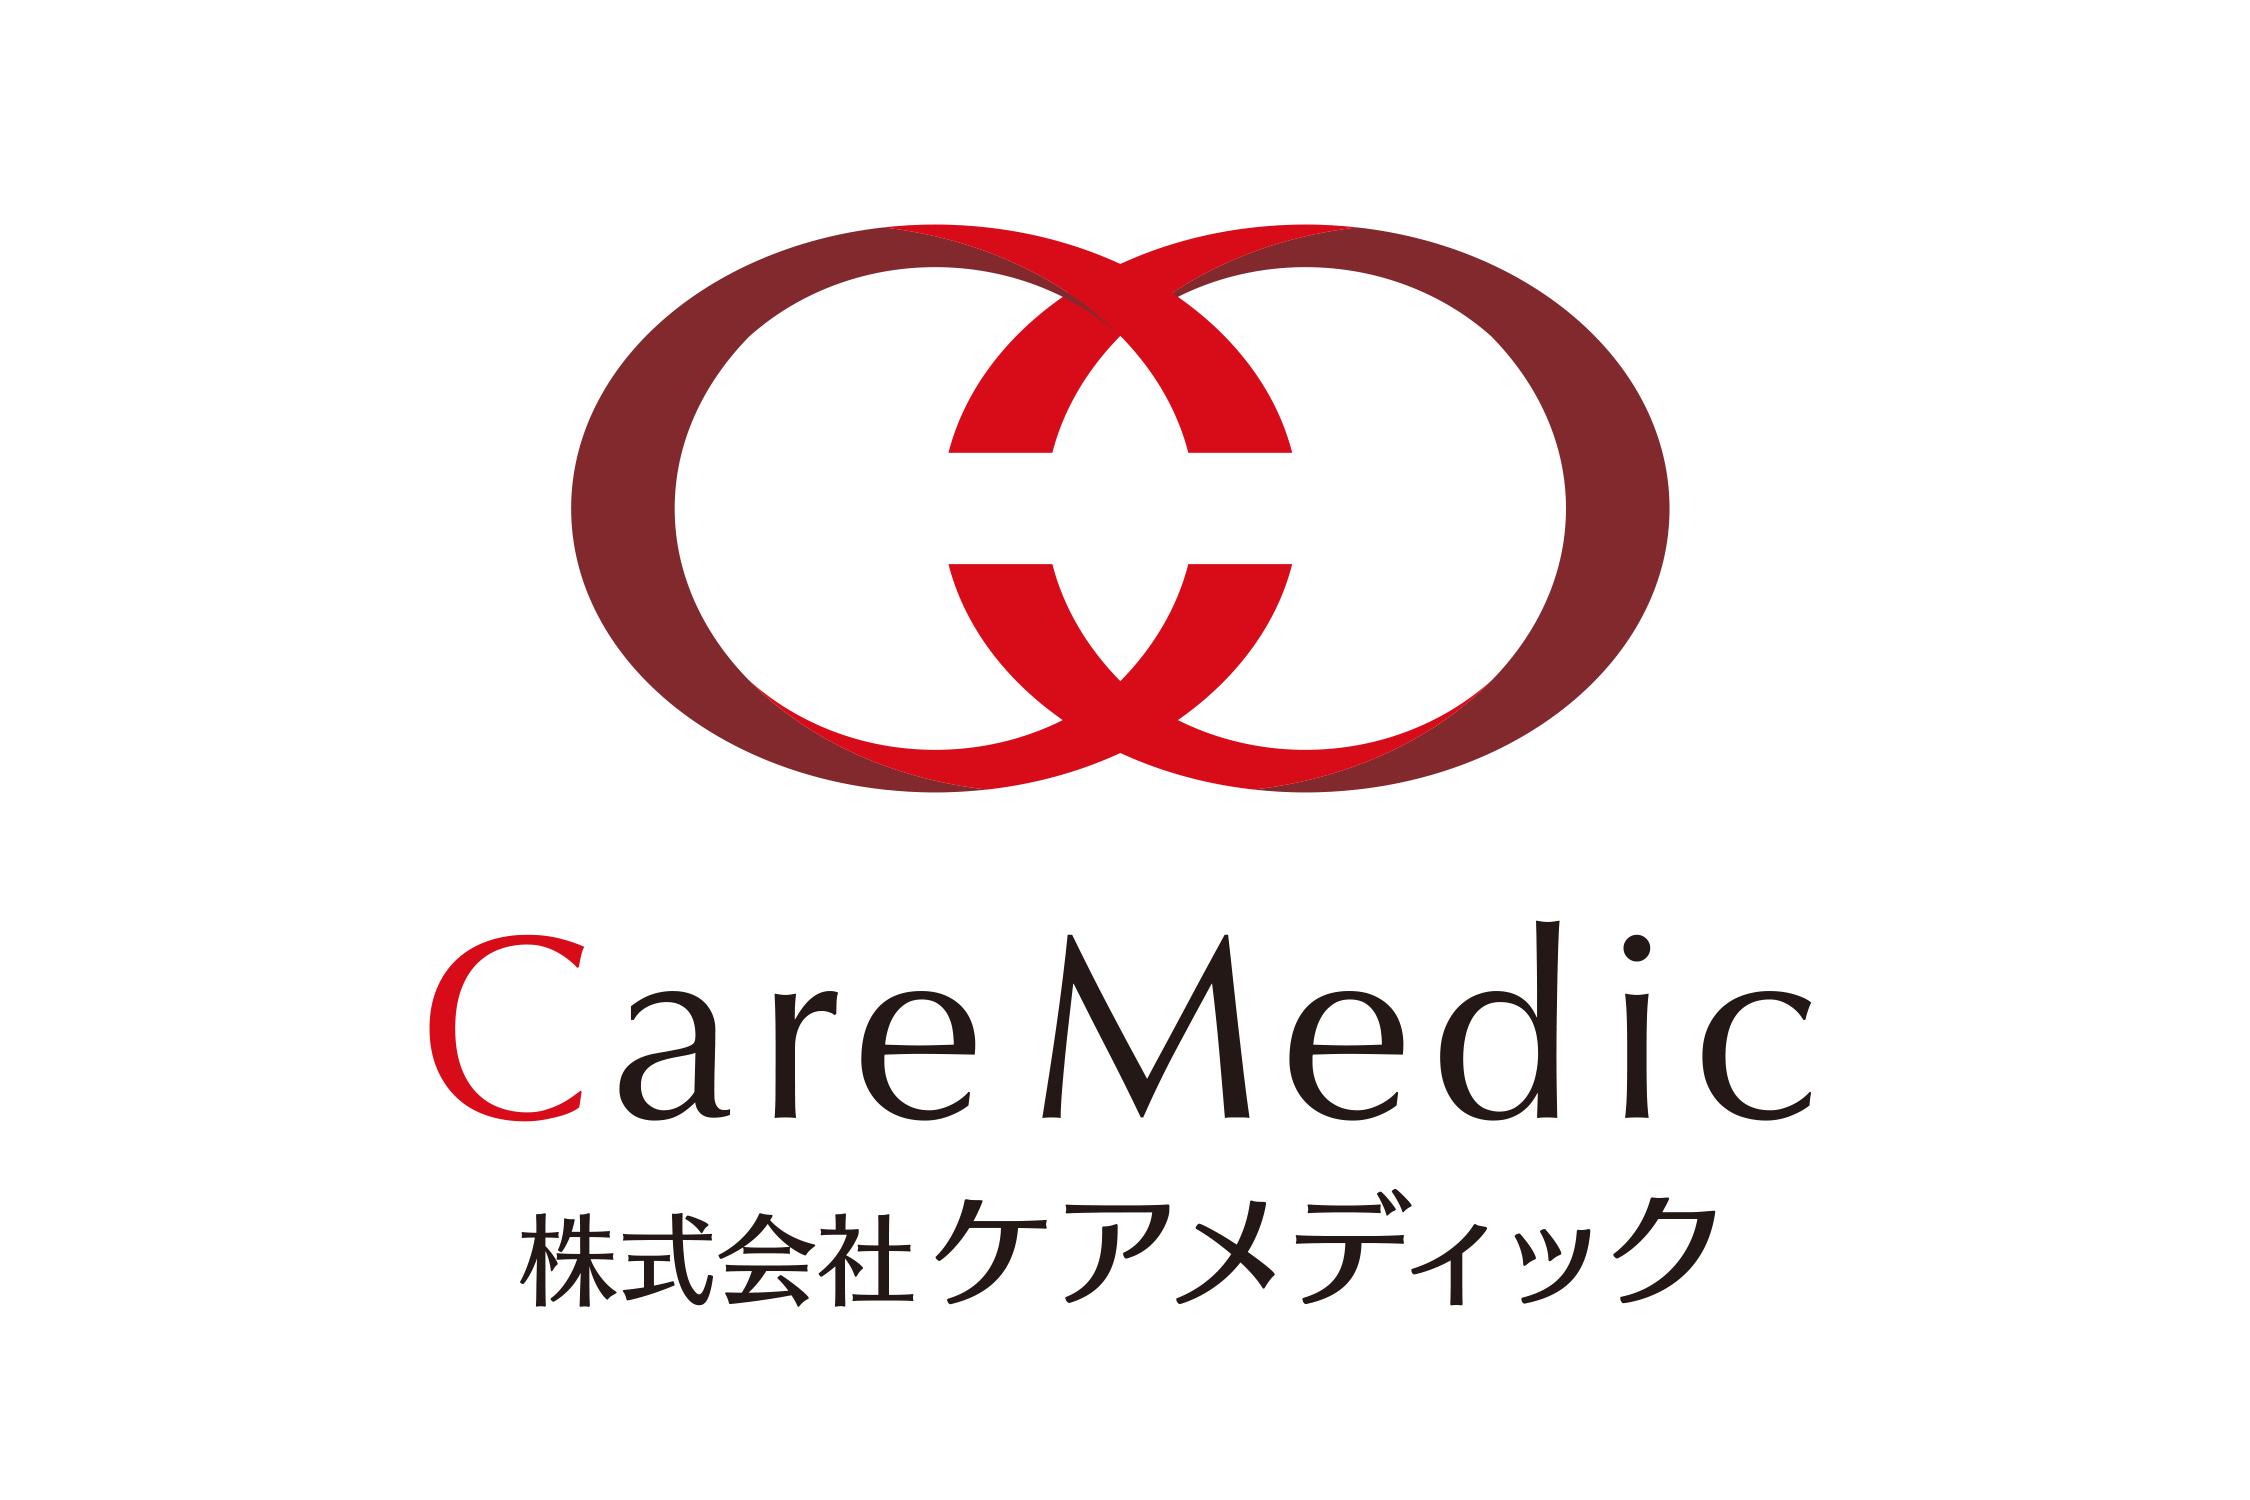 ロゴ 株式会社ケアメディック